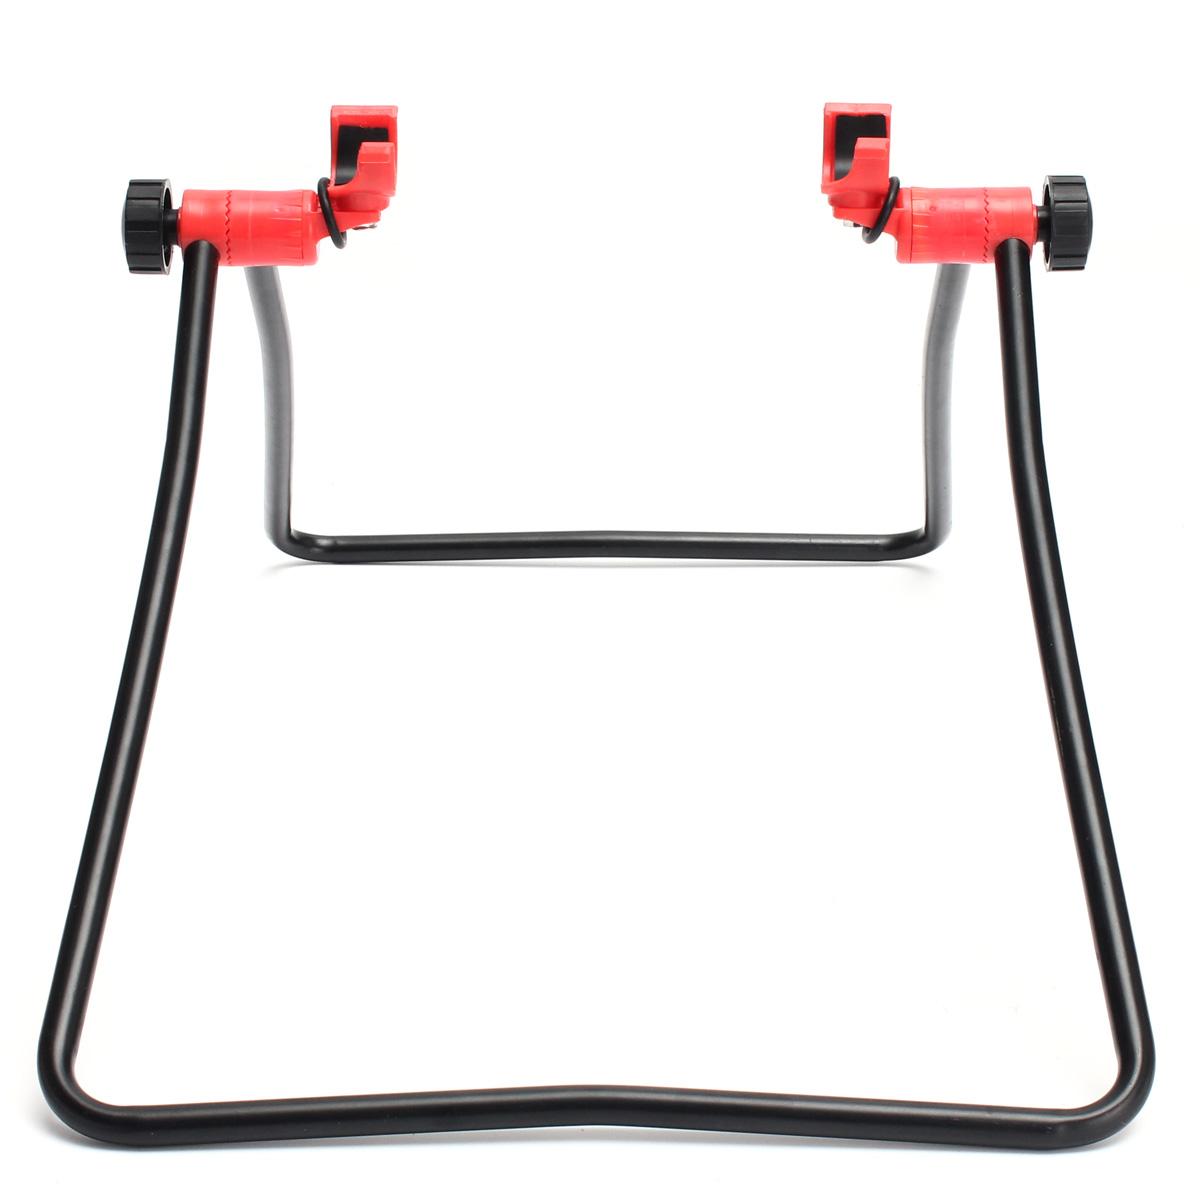 Велосипед стоять парковки подставка foldind колесо подставка для стойки регулируемые - фото 3